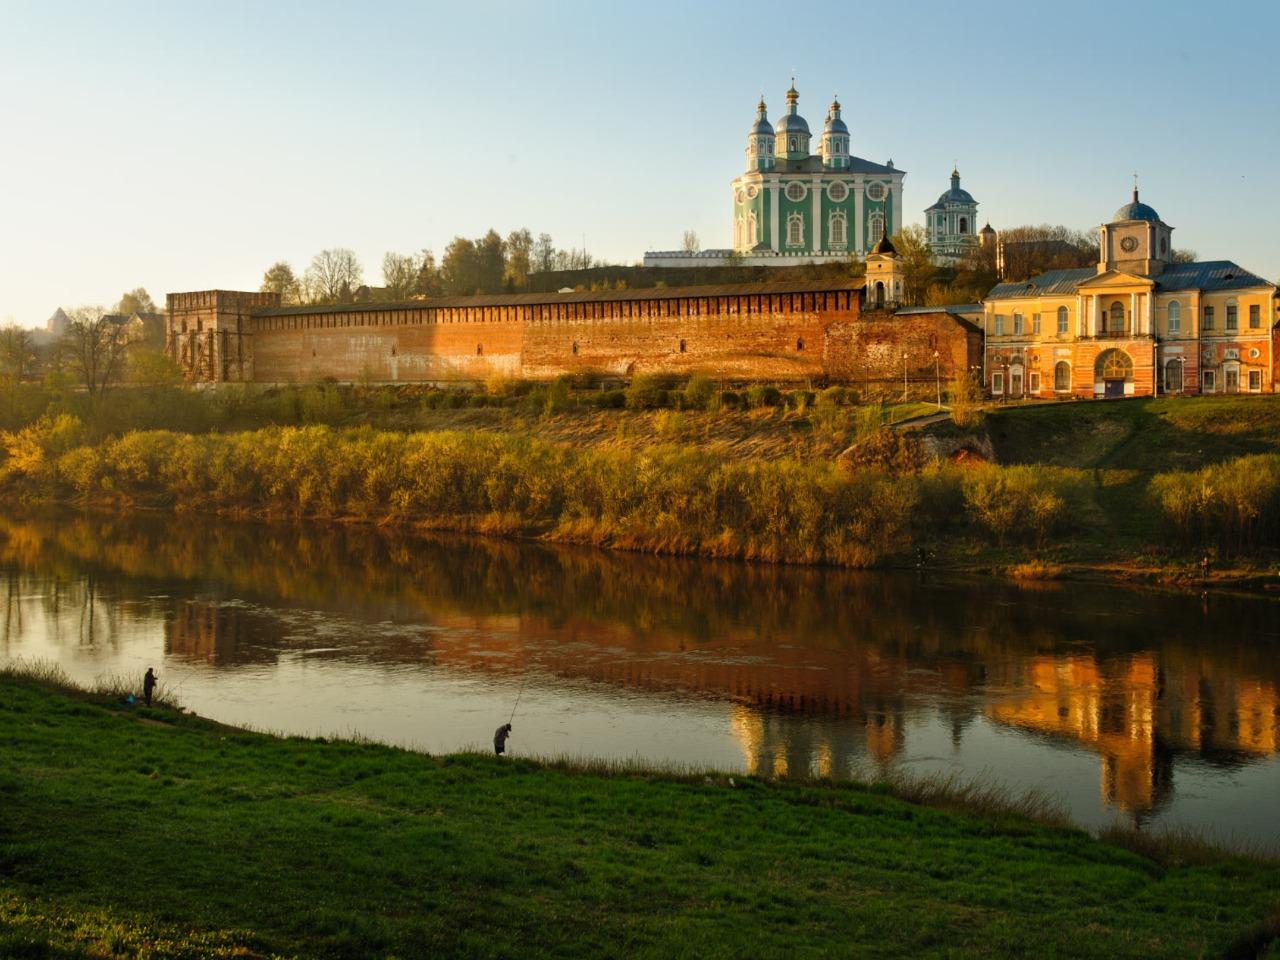 Исторический Смоленск: Талашкино и Флёново  - индивидуальная экскурсия по Смоленску от опытного гида